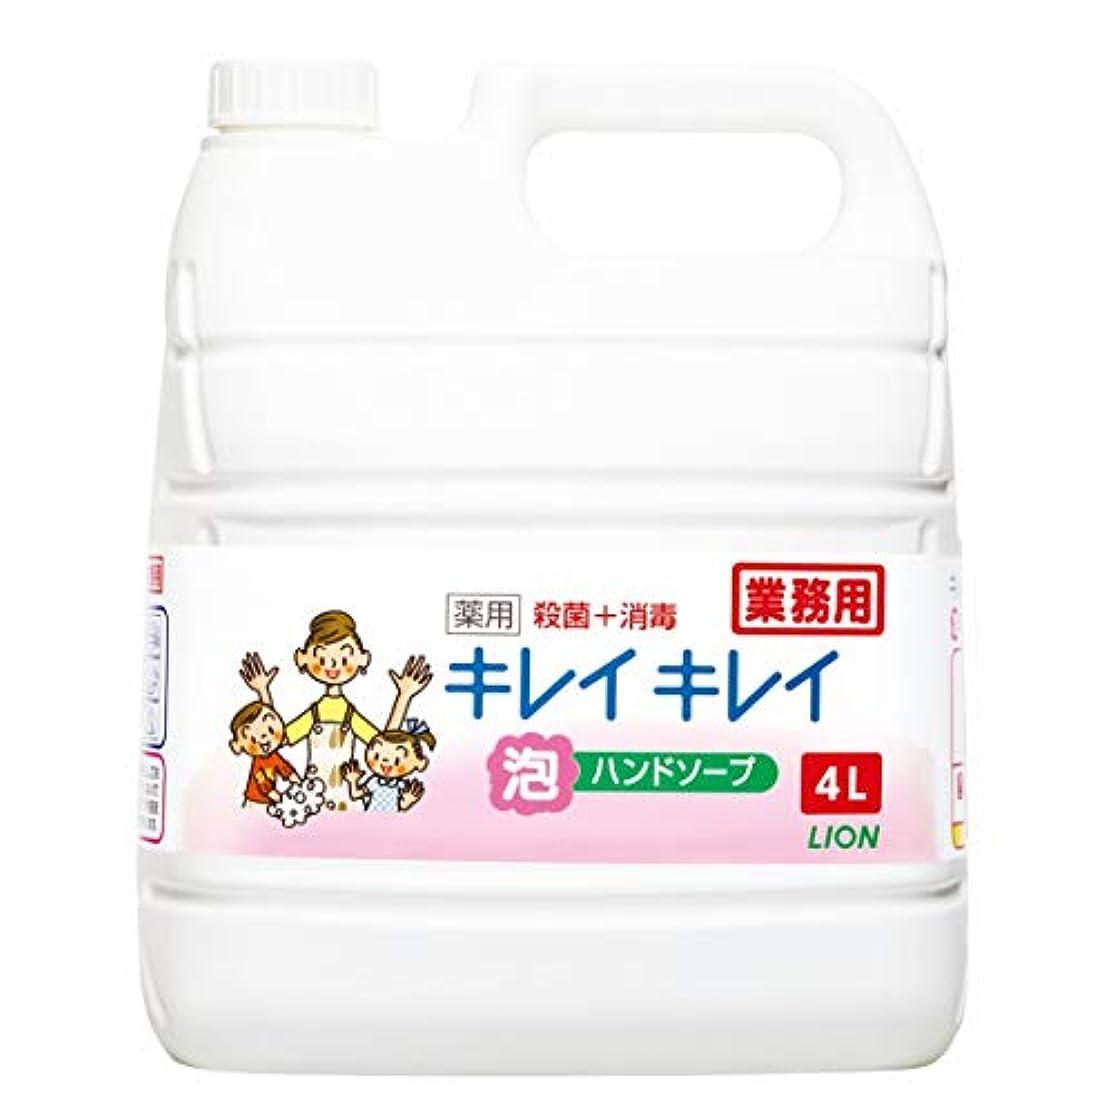 実施する優れた誰でも【業務用 大容量】キレイキレイ 薬用 泡ハンドソープ シトラスフルーティの香り 液体 単品 4L(医薬部外品)